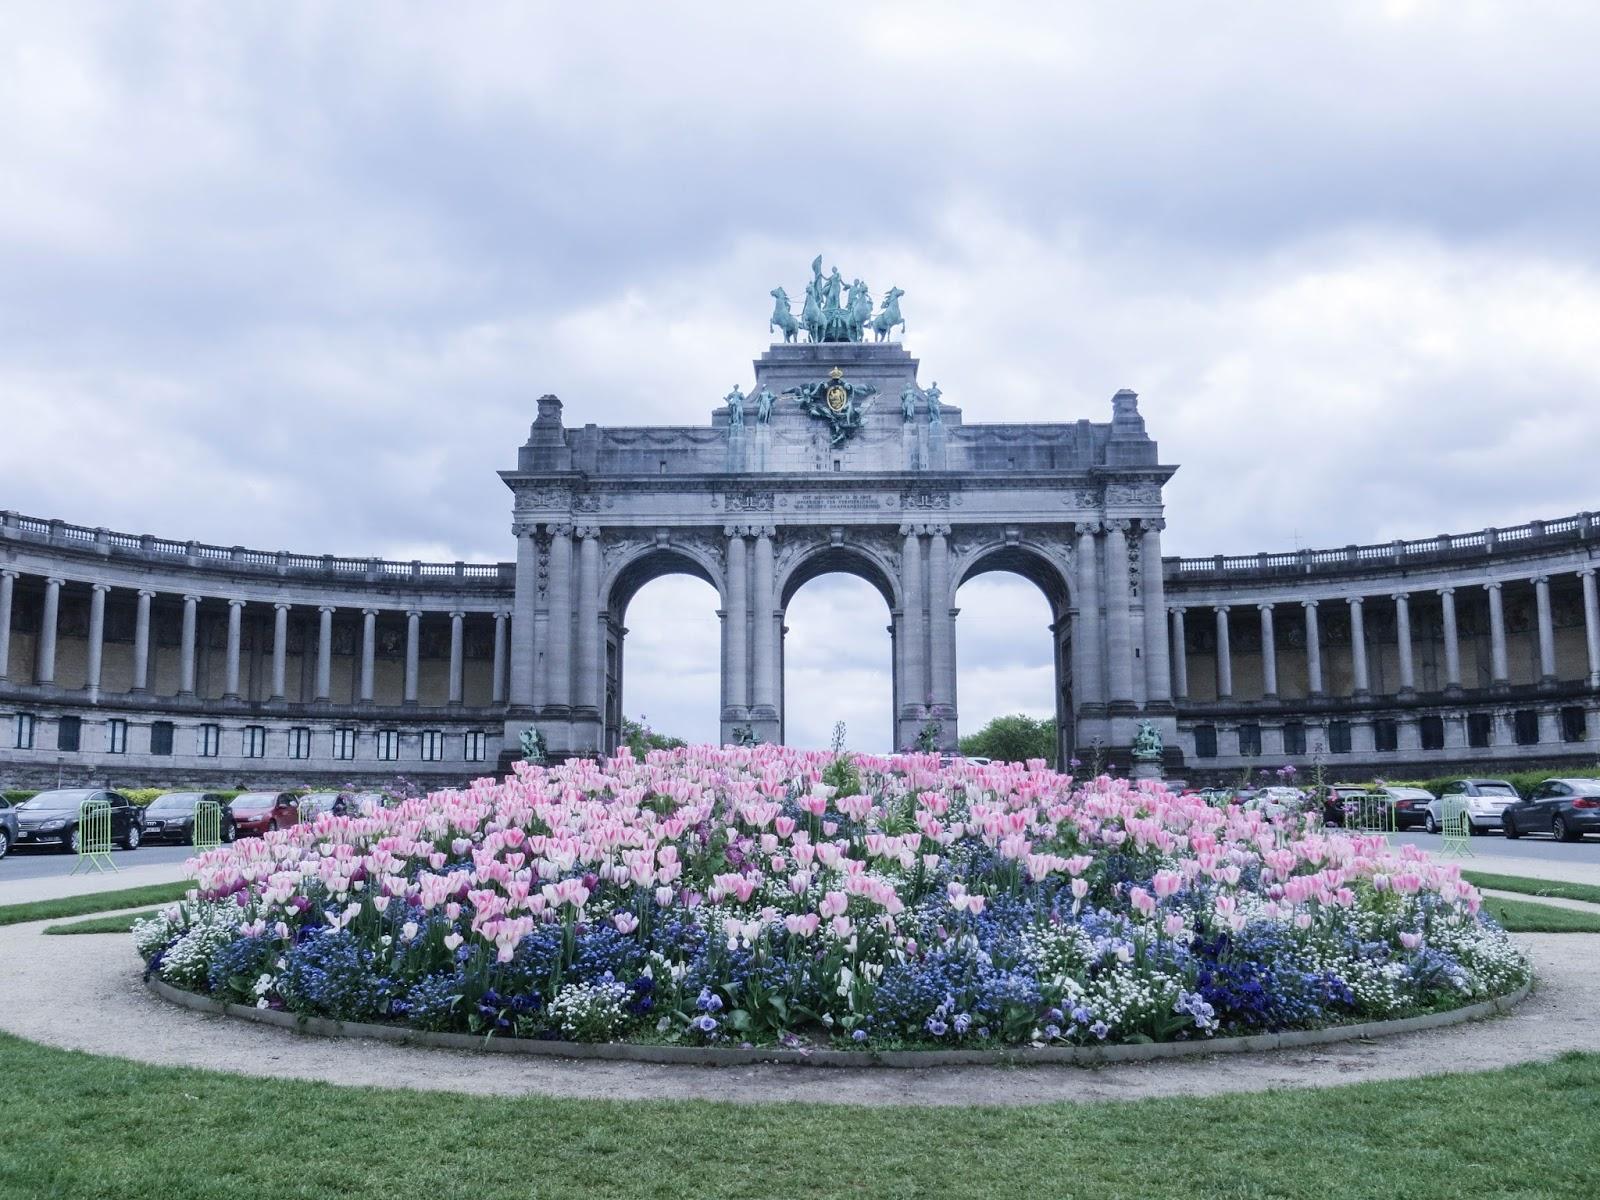 Brysseli Bruxelles Belgia Belgium